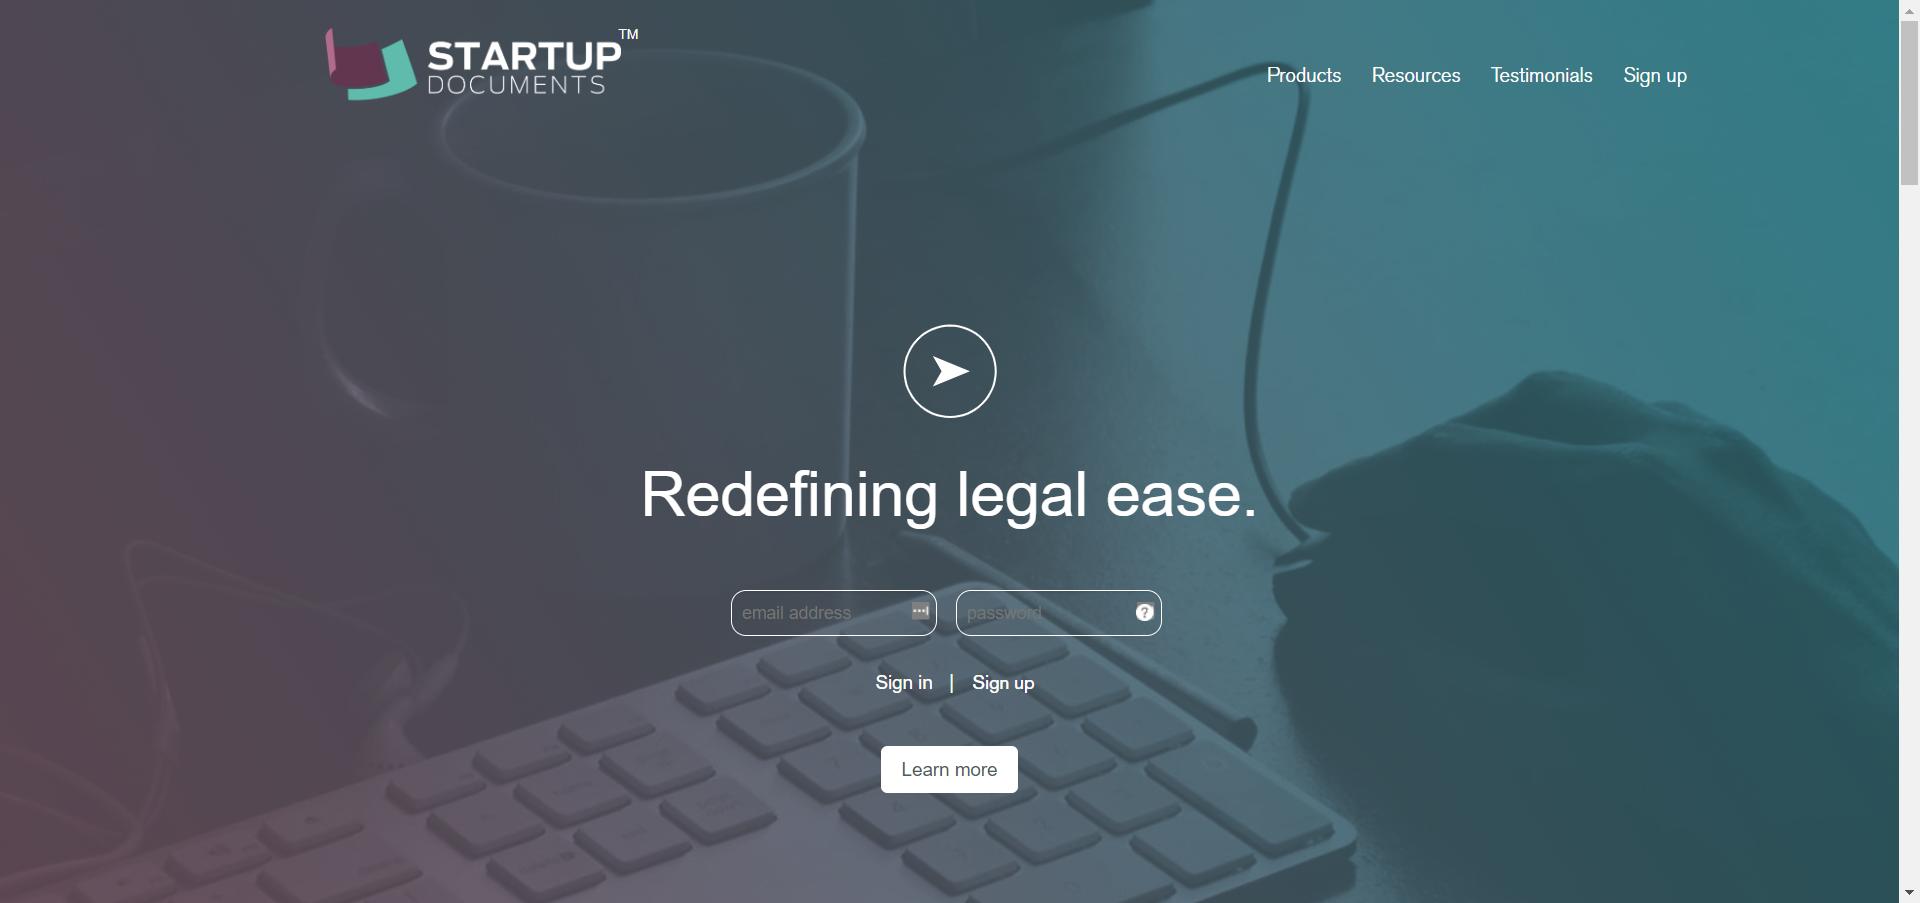 Startup Docs website image